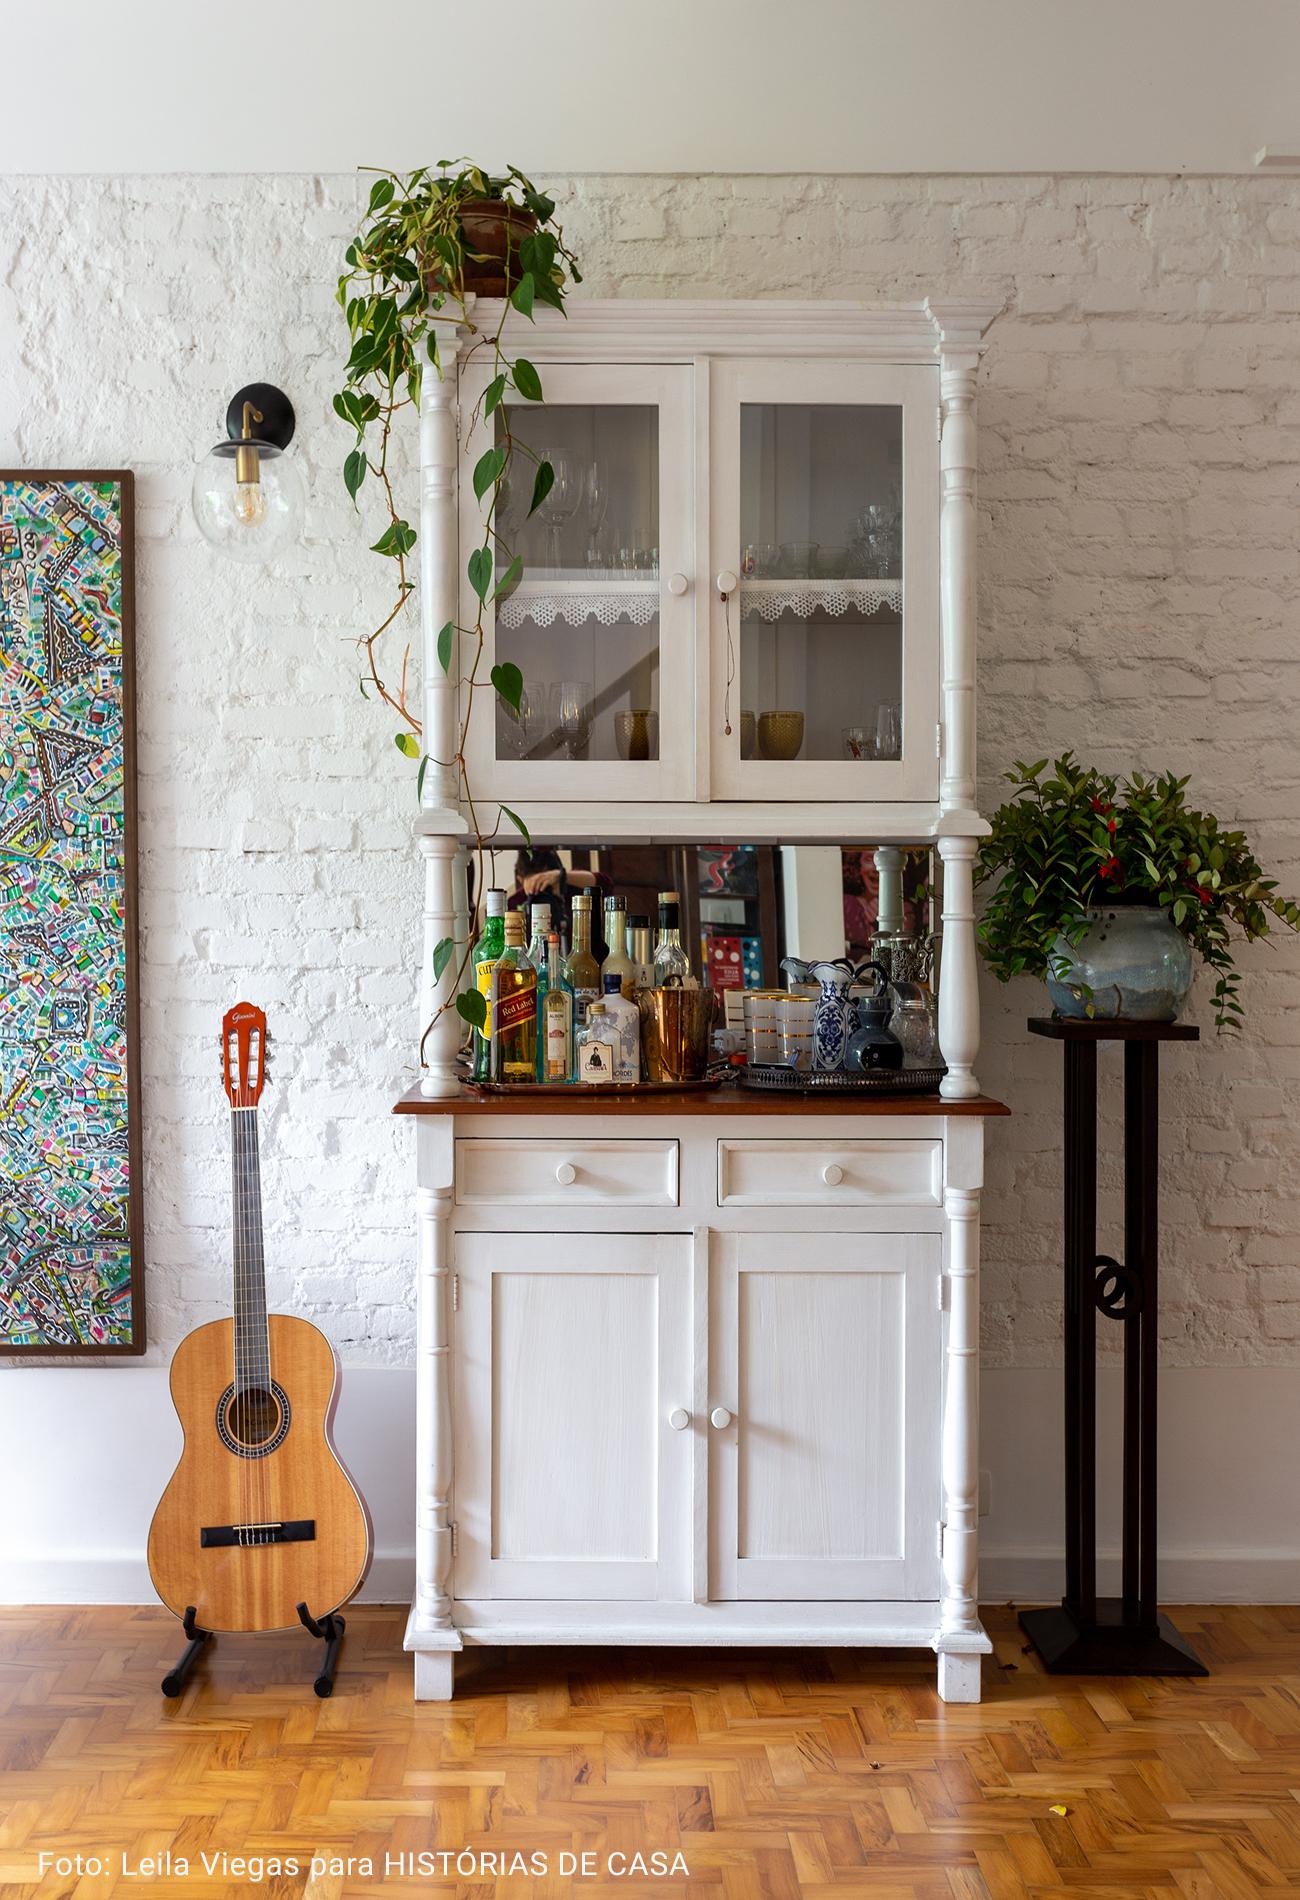 sala de televisão com violão na decor